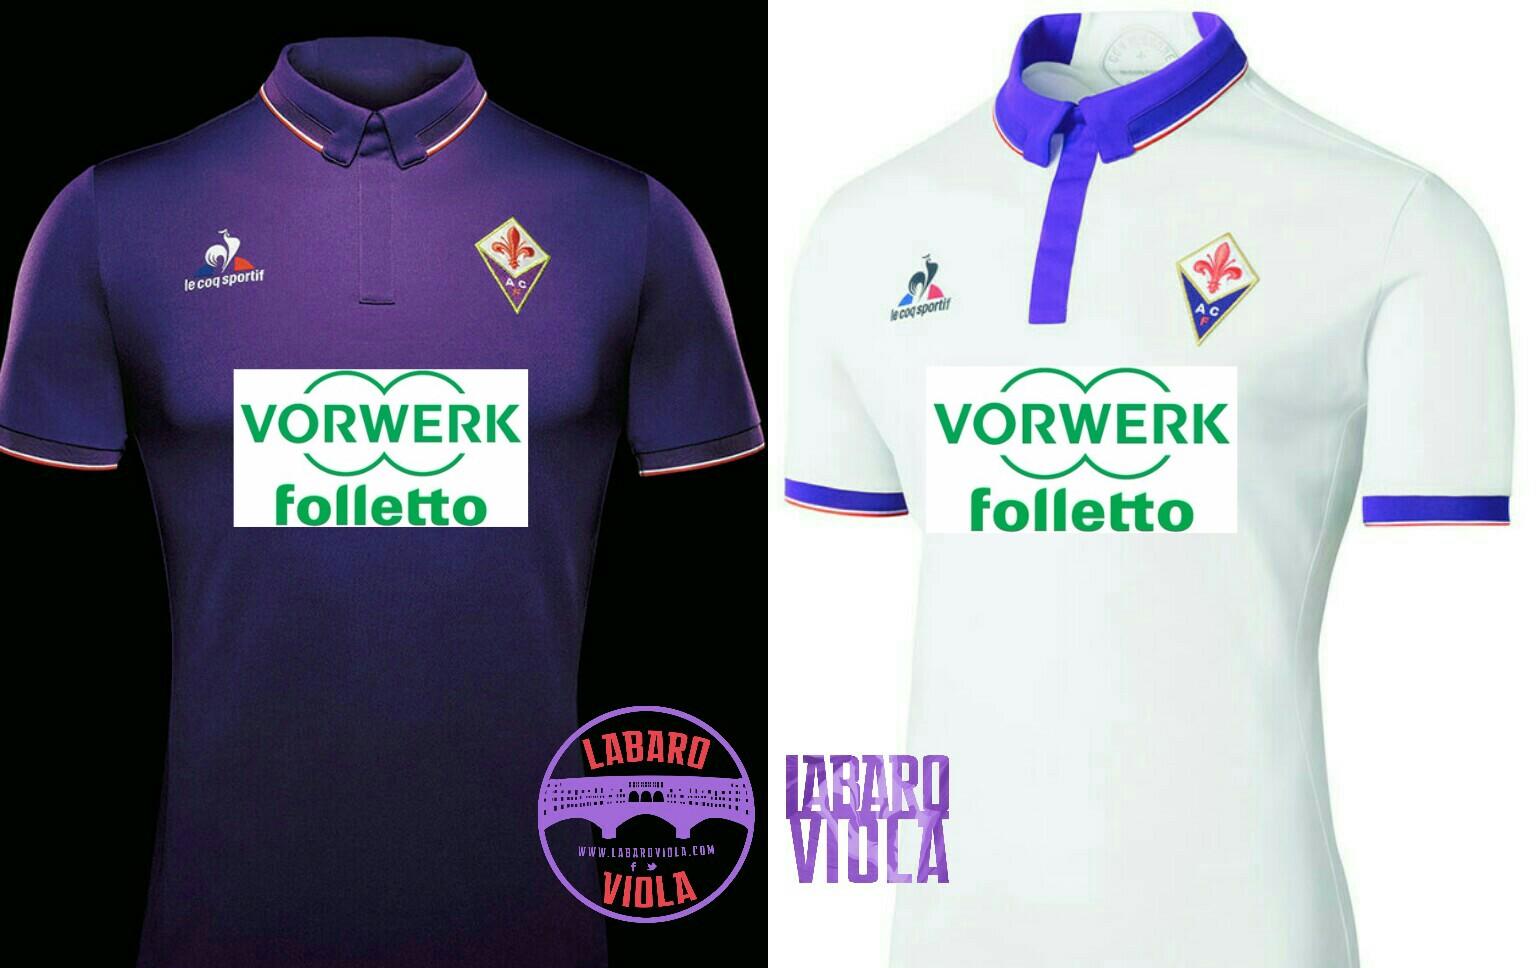 Sarà alternanza Folletto con Vorwerk sulla maglia viola, alla Fiorentina 11 milioni. Dietro la maglia invece…